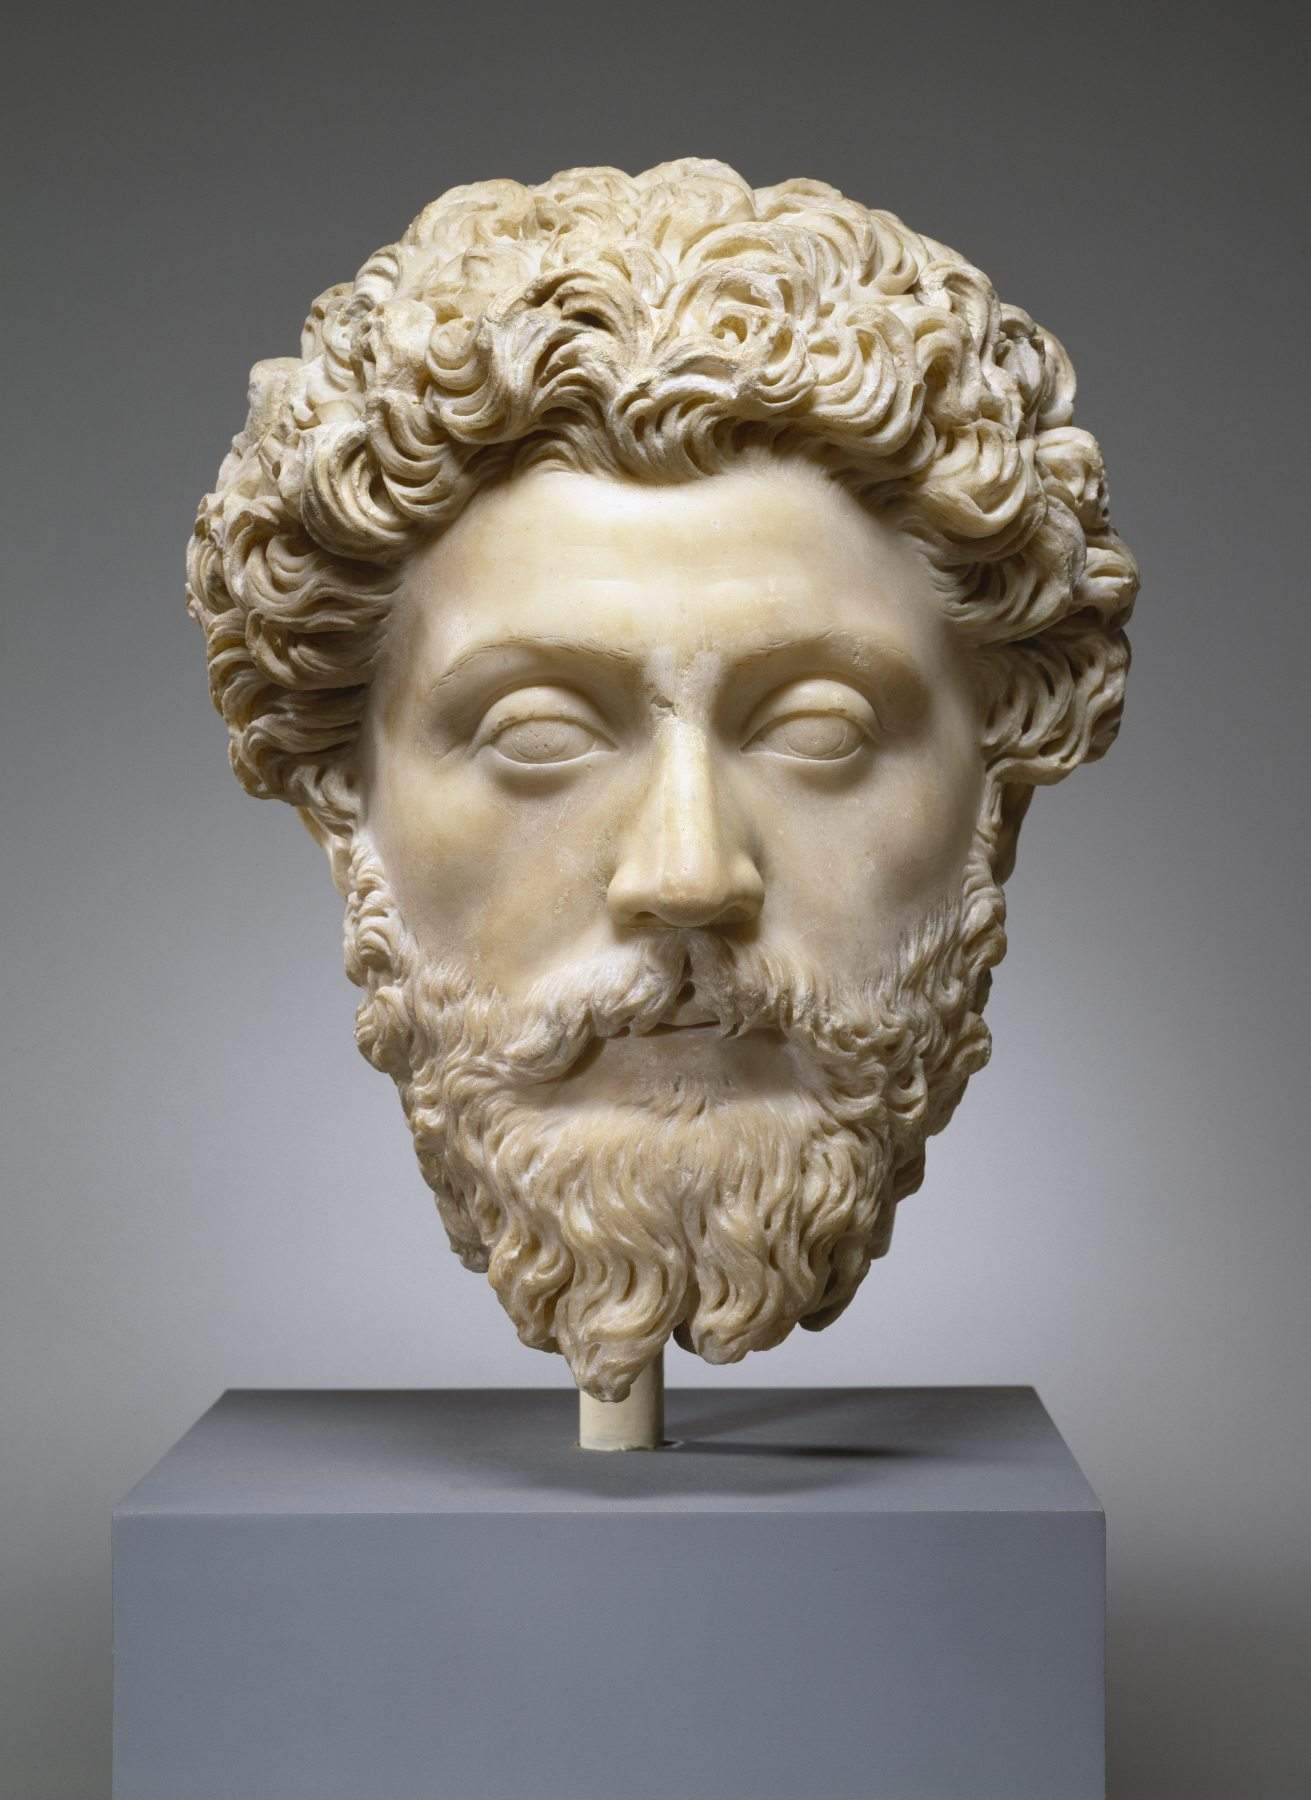 roman_-_portrait_of_the_emperor_marcus_aurelius_-_walters_23215